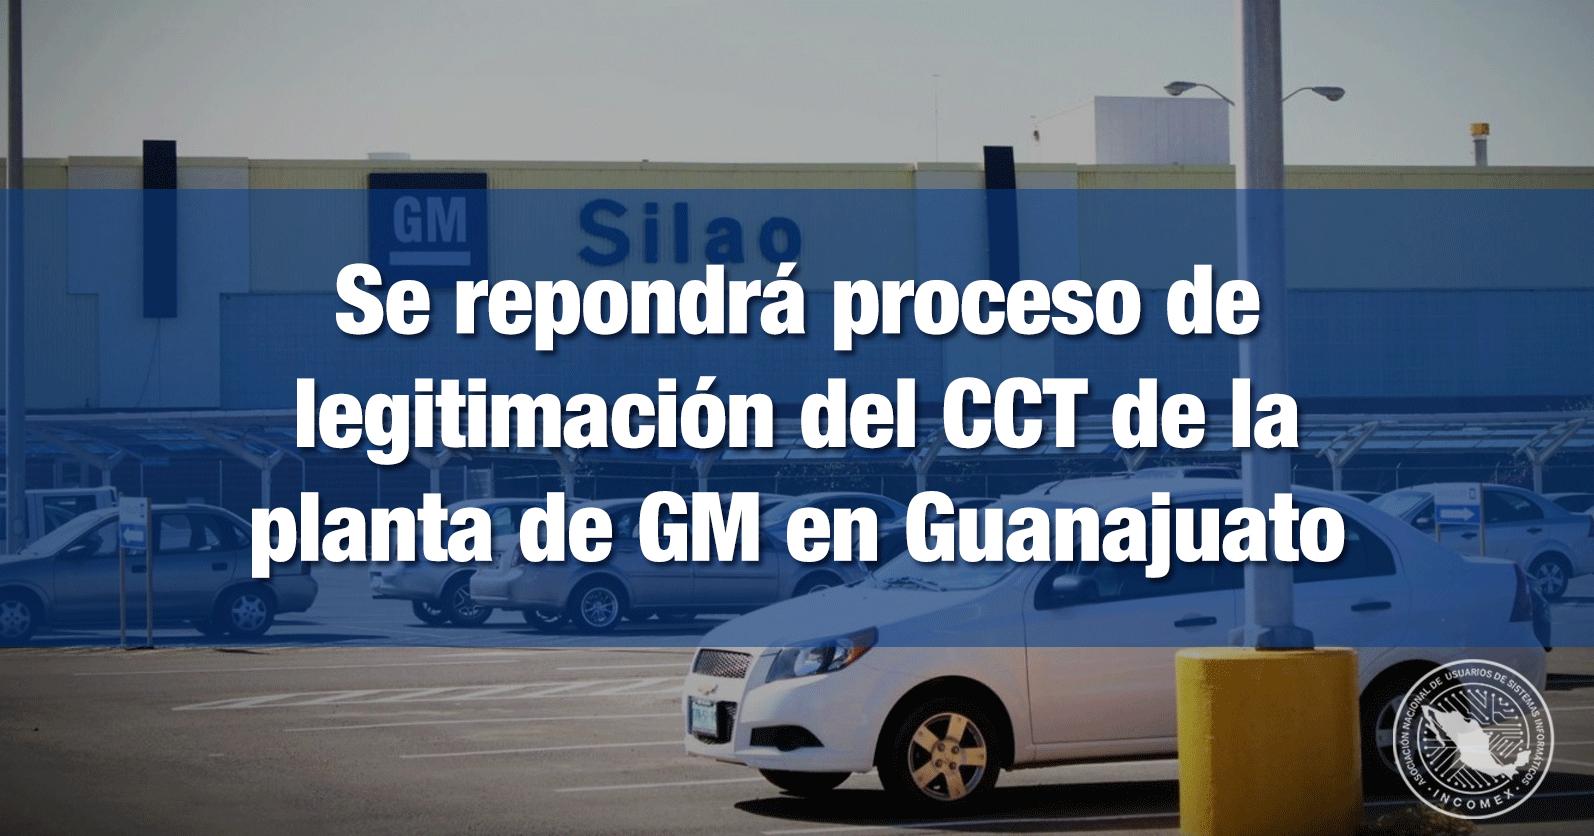 Se repondrá proceso de legitimación del CCT de la planta de GM en Guanajuato